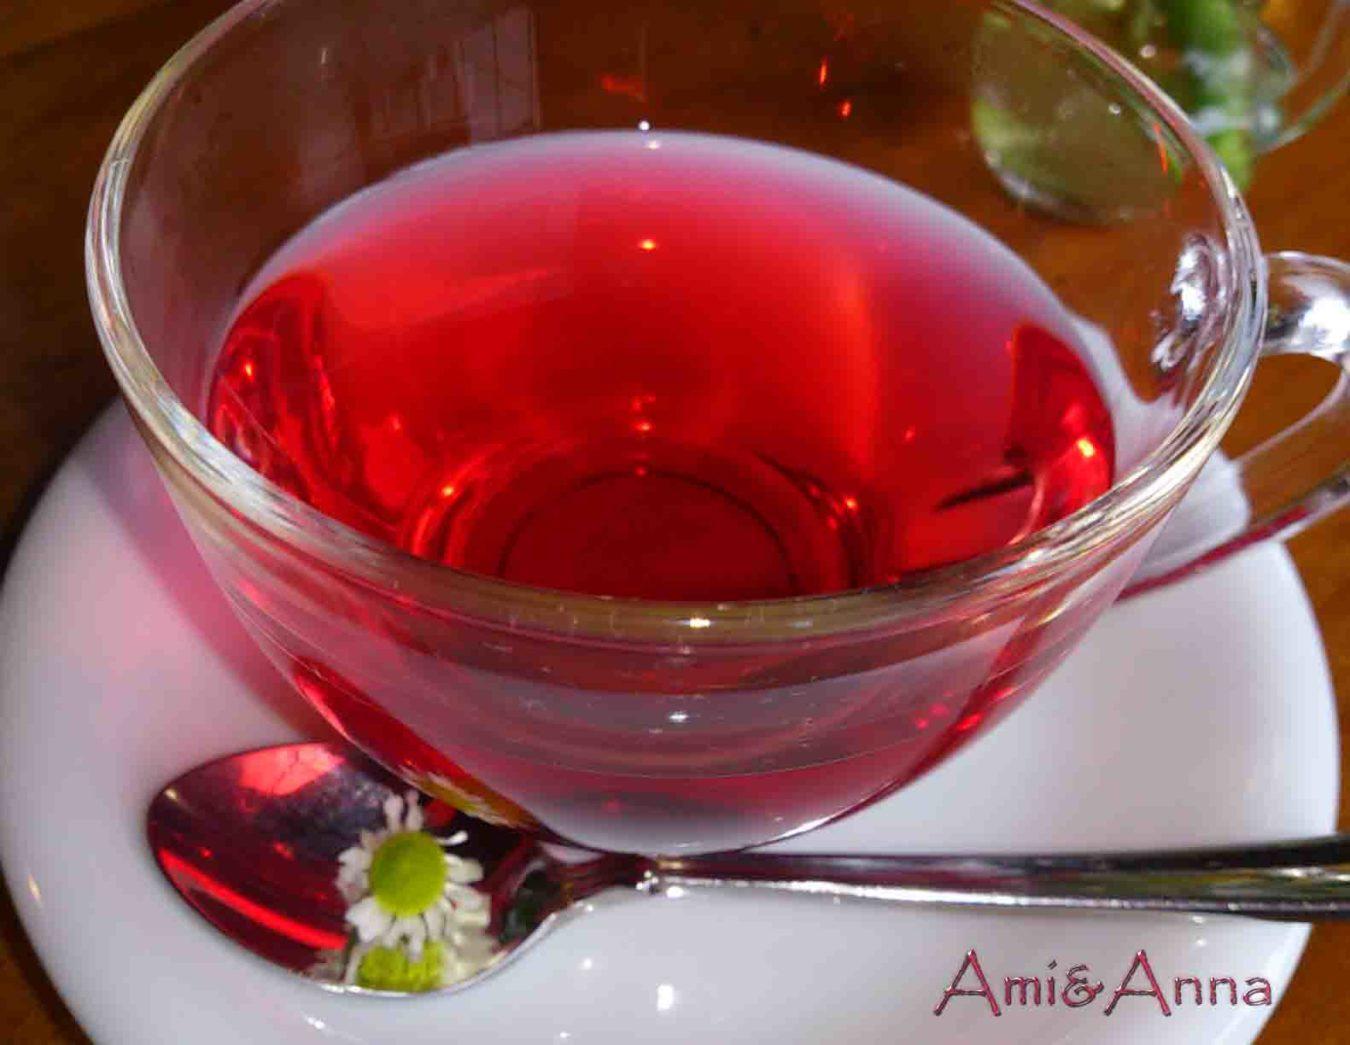 ガラスのティーカップに注いだ赤いハイビスカスティー